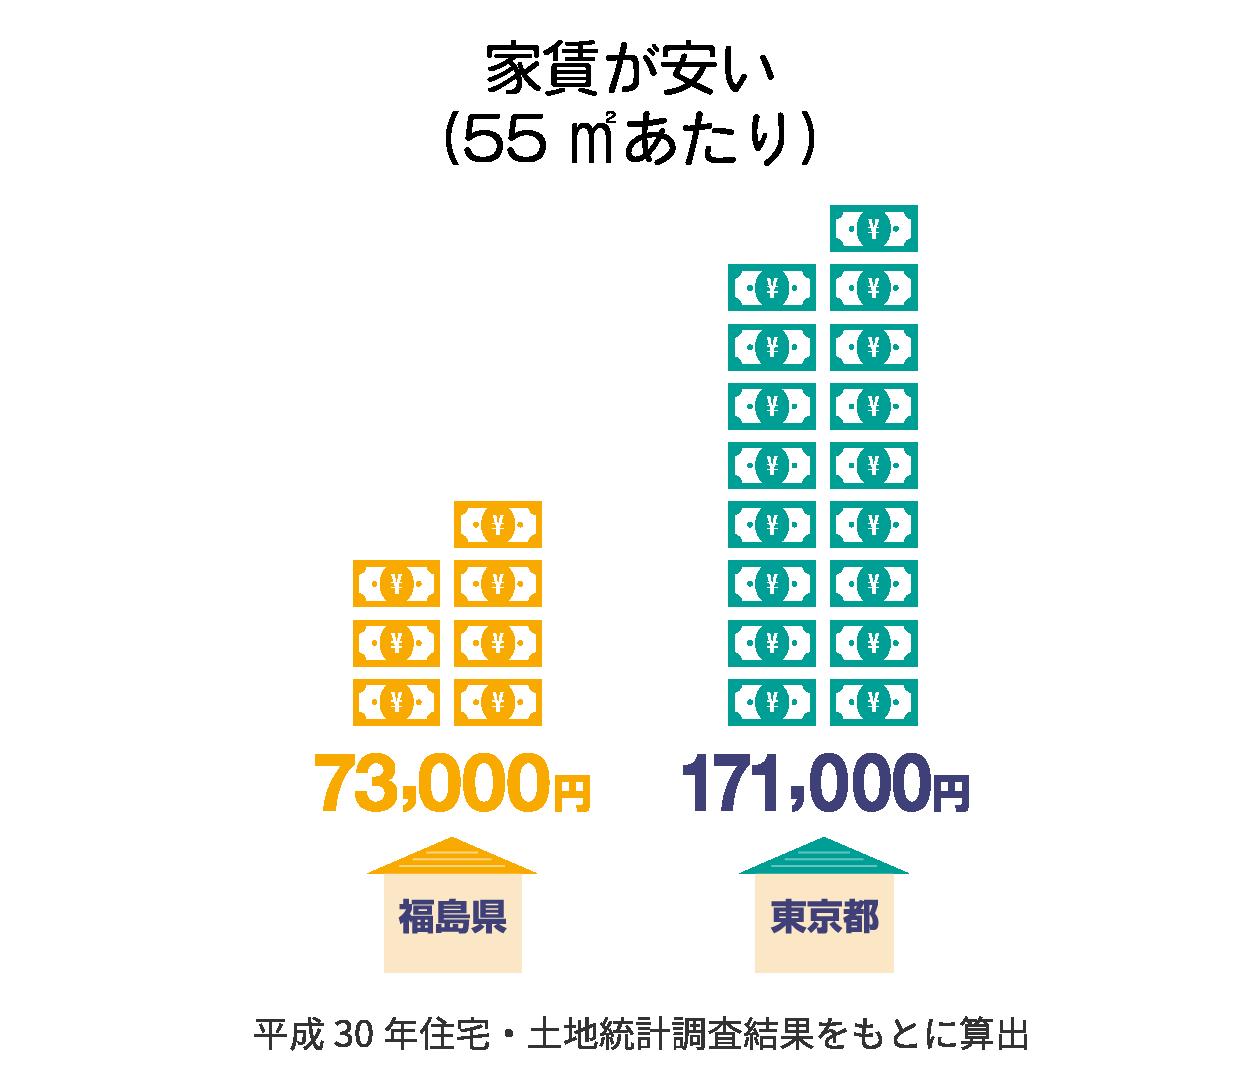 家賃が安い(55㎡あたり)